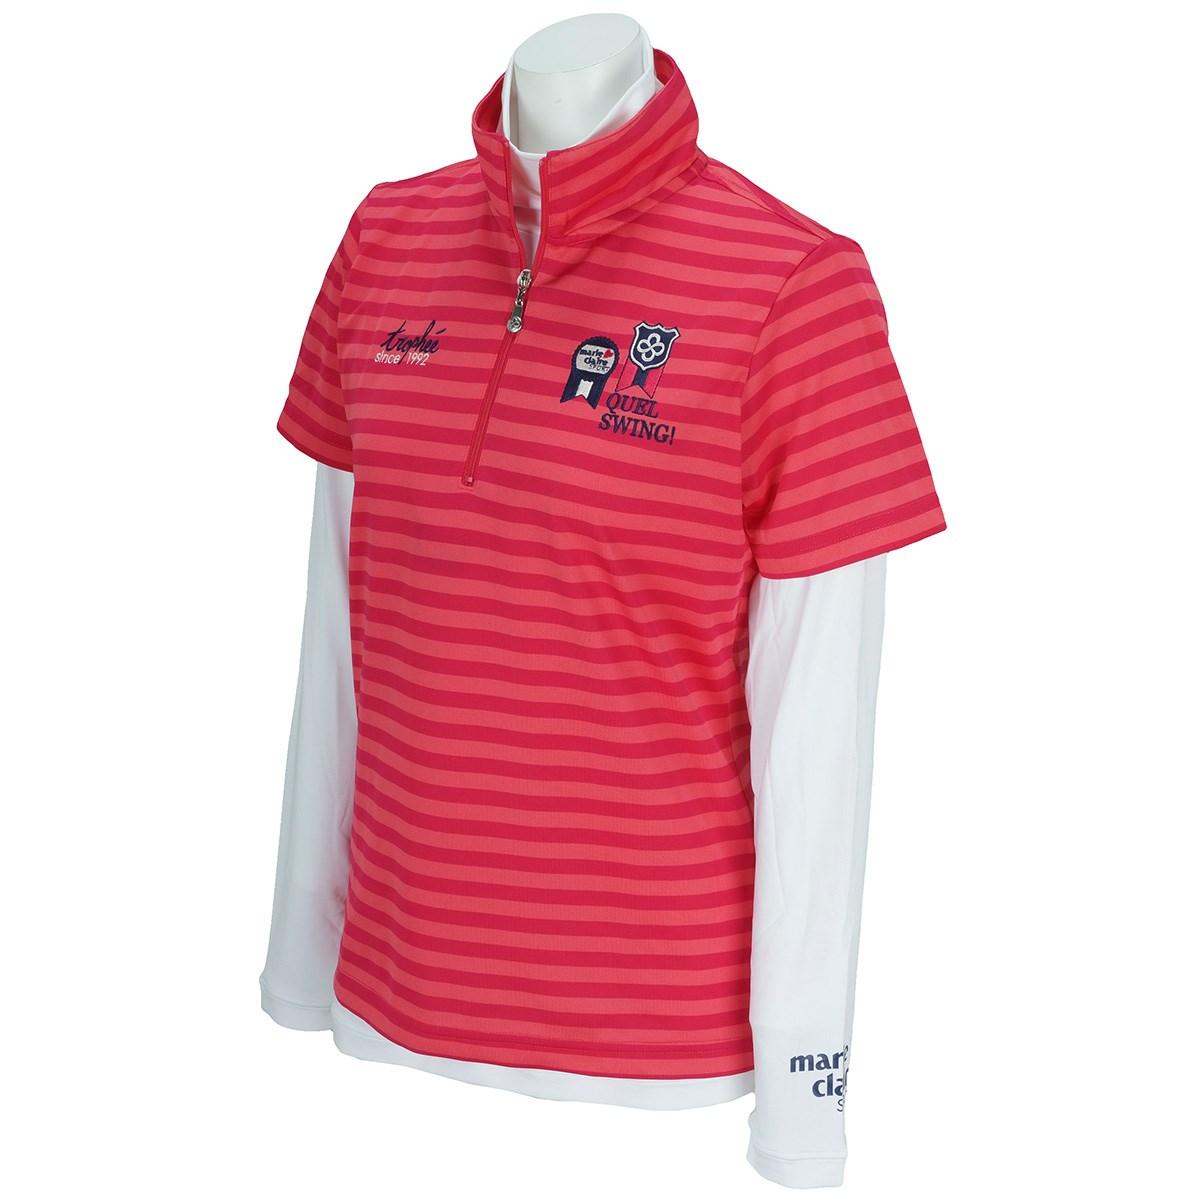 マリクレール marie claire 長袖ハイネックアンダーシャツ付き 半袖ハーフジップシャツ M ピンク レディス